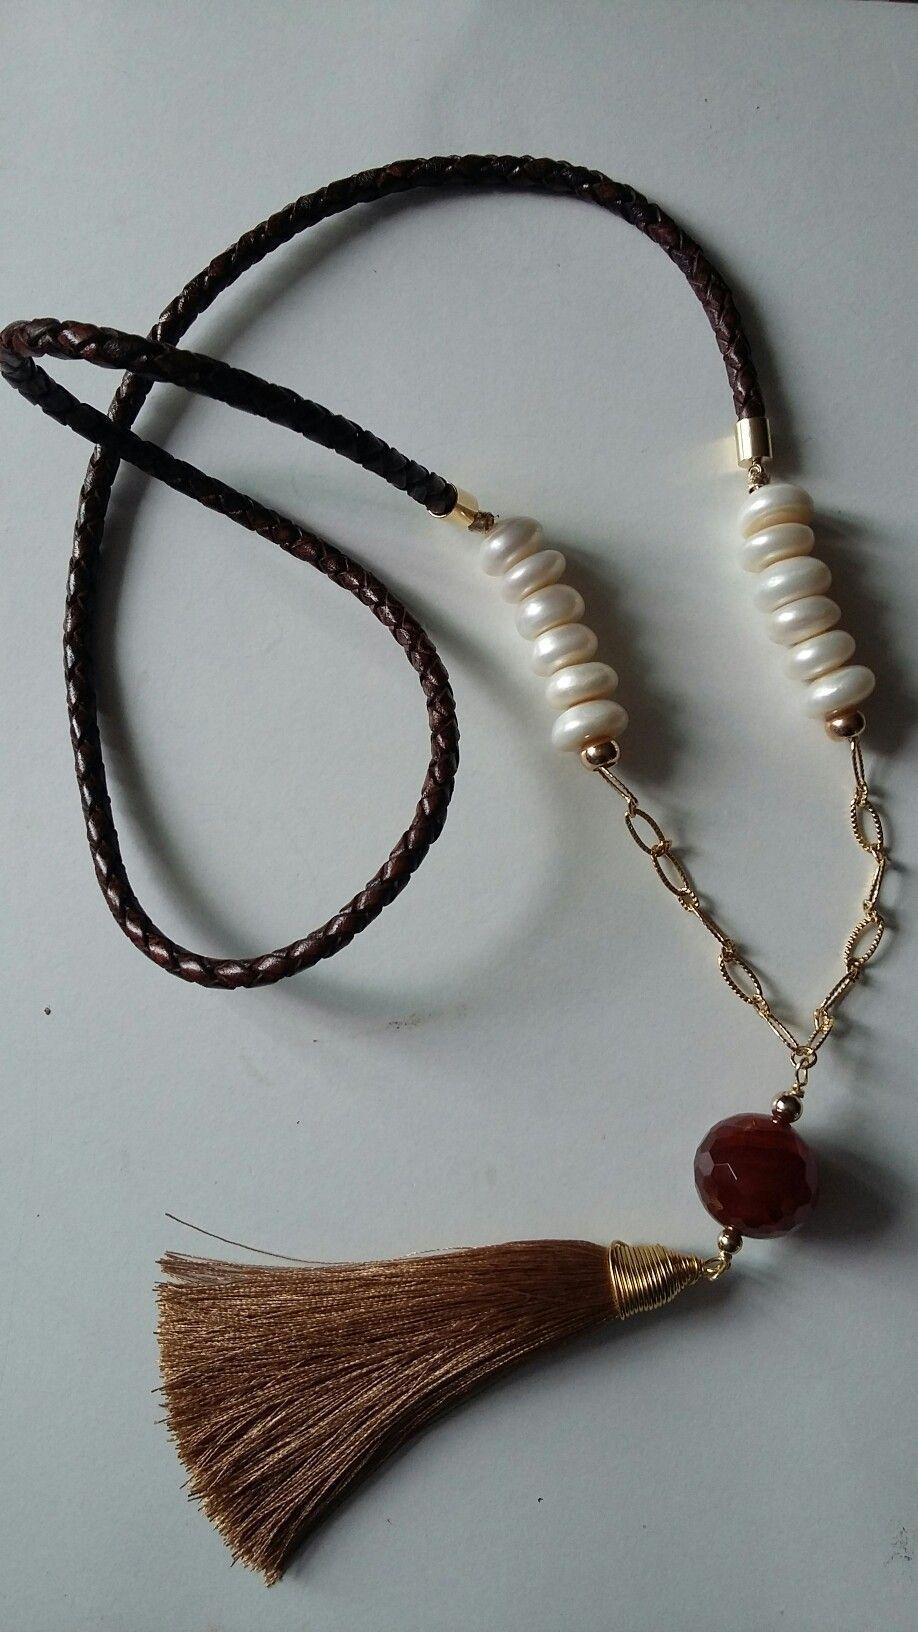 Perles /& Co Cord/ón de Cuero Trenzado 6 mm Marr/ón x 50 cm